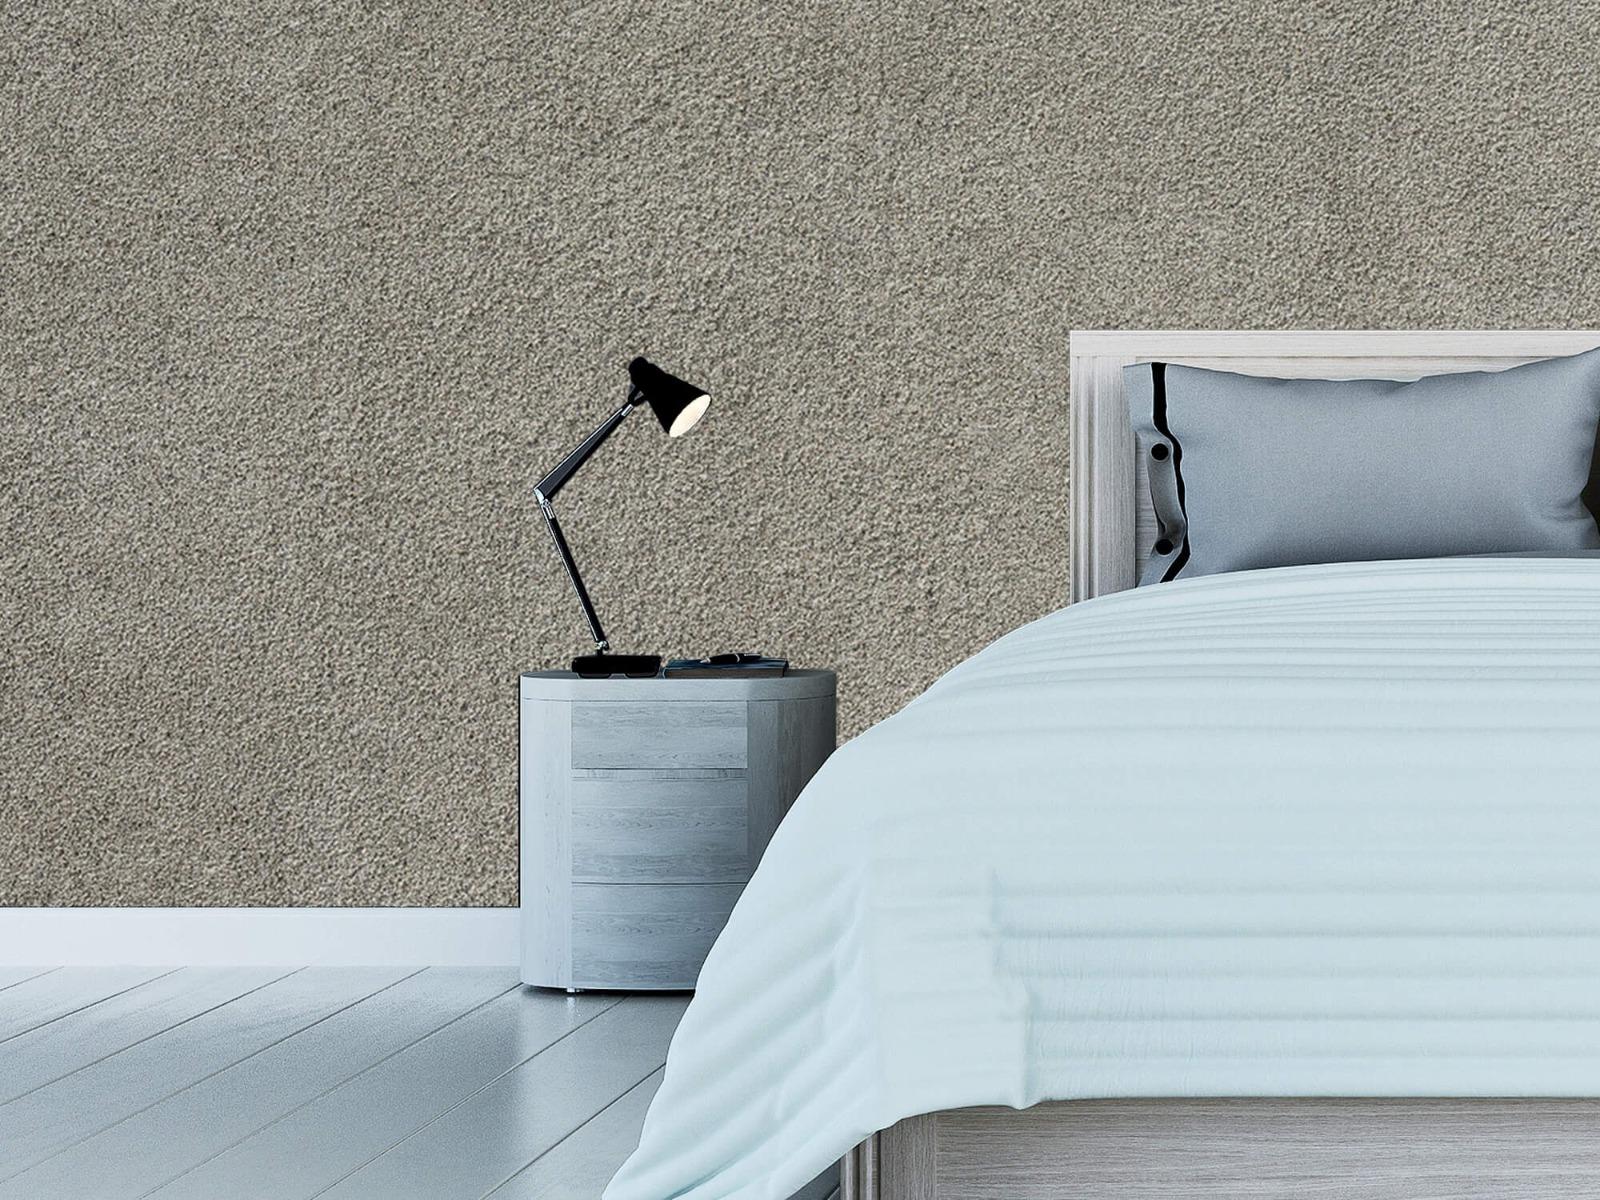 Betonlook behang - Betonnen muur met fijne steentjes - Kantoor 12